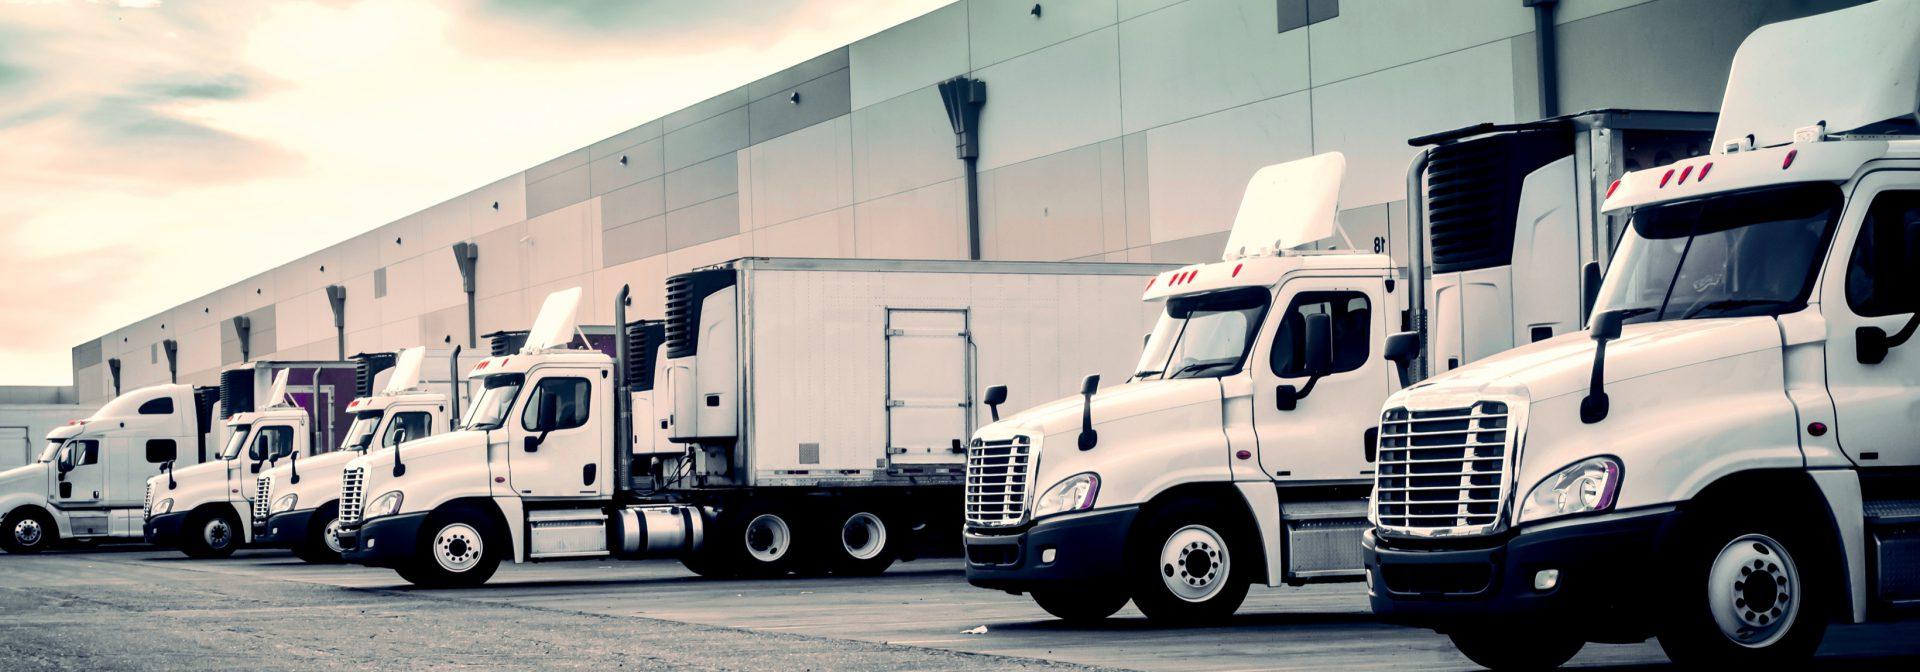 Foto van een aantal vrachtwagens die het transport verzorgen door ELCEE